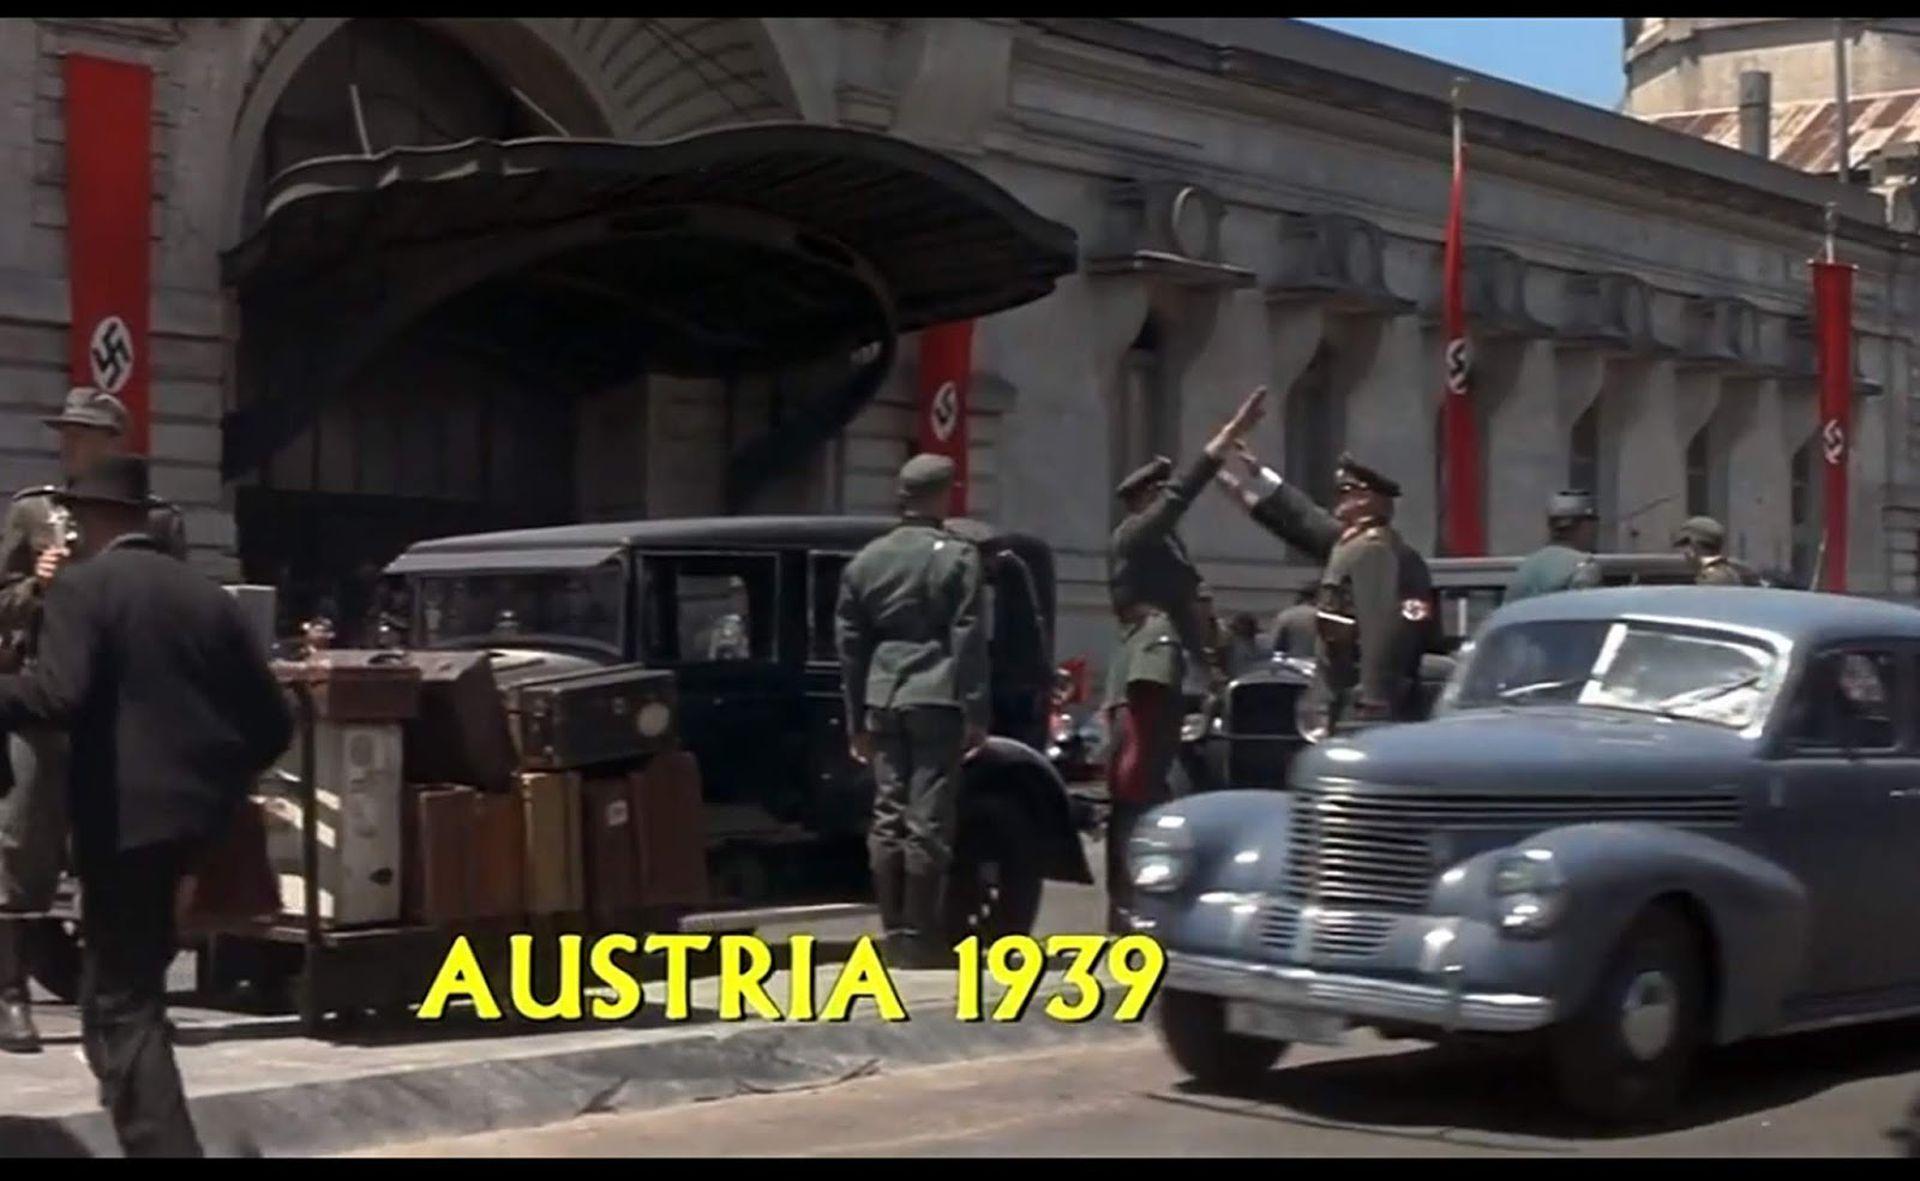 La estación de  trenes de La PLata se armó como una locación austríaca en tiempos de los nazis.